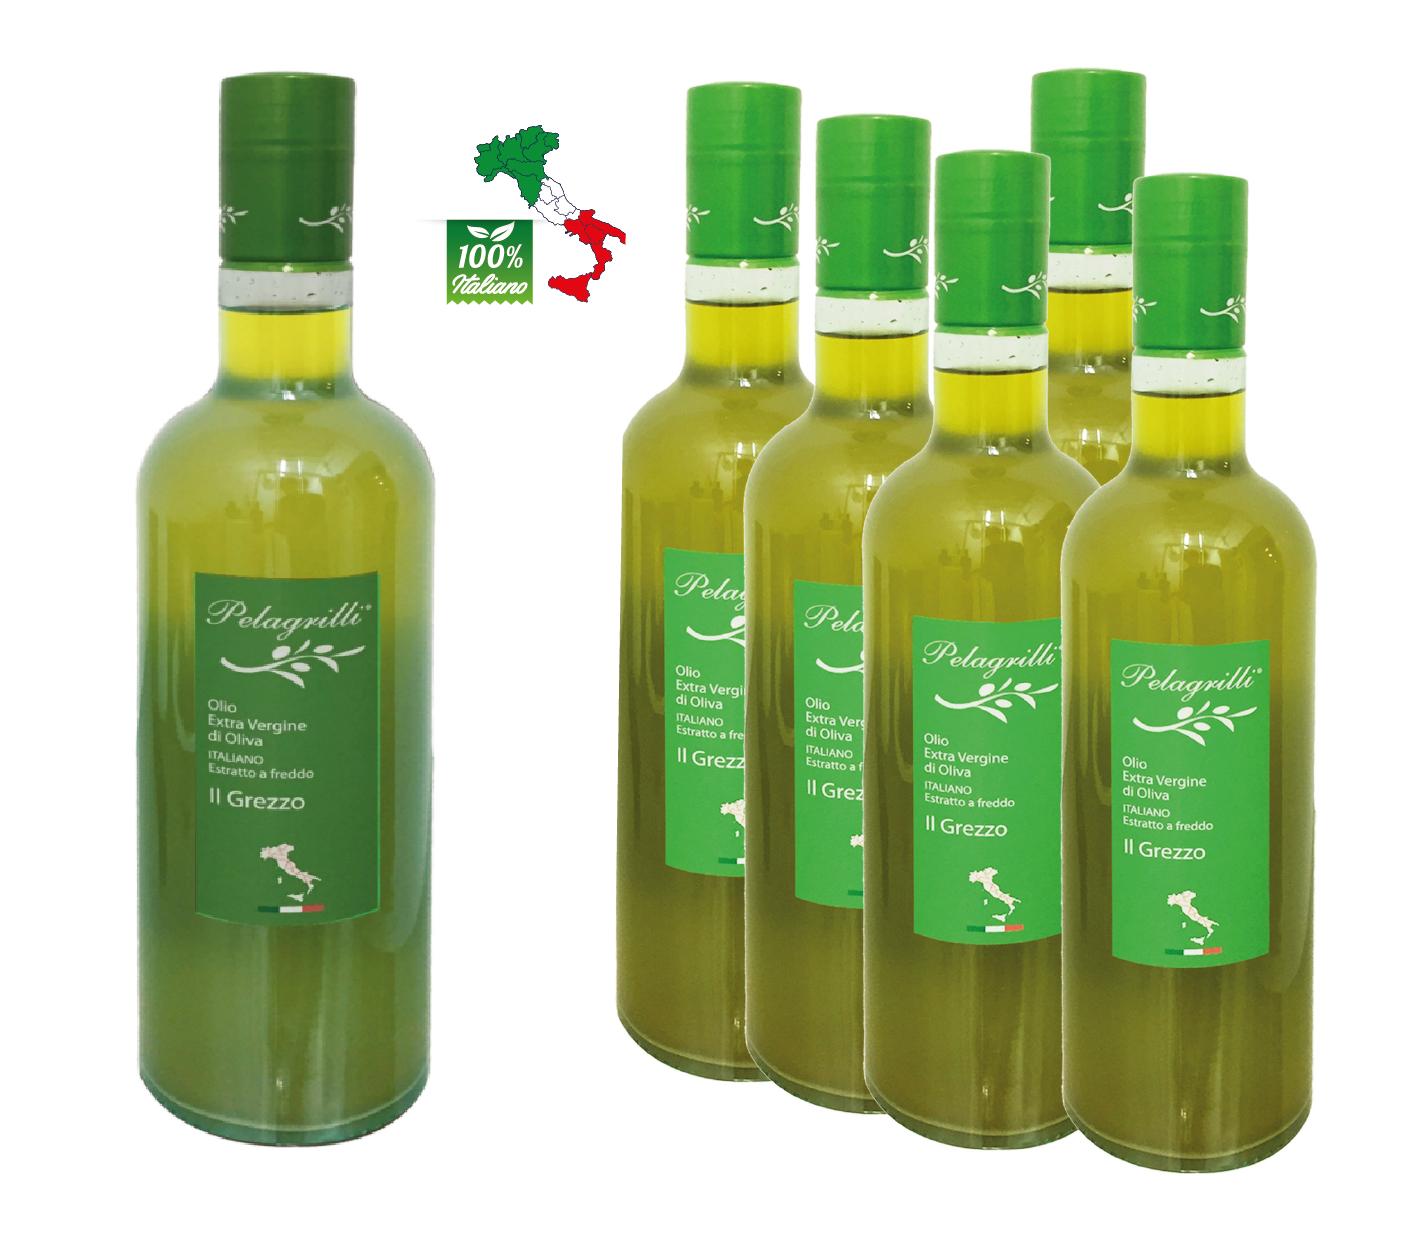 100% ITALIANO - Olio extravergine di oliva confezione da 6 bottiglie da LT 0,75 ciascuna - Raccolto 2021-2022- estratto a freddo GREZZO